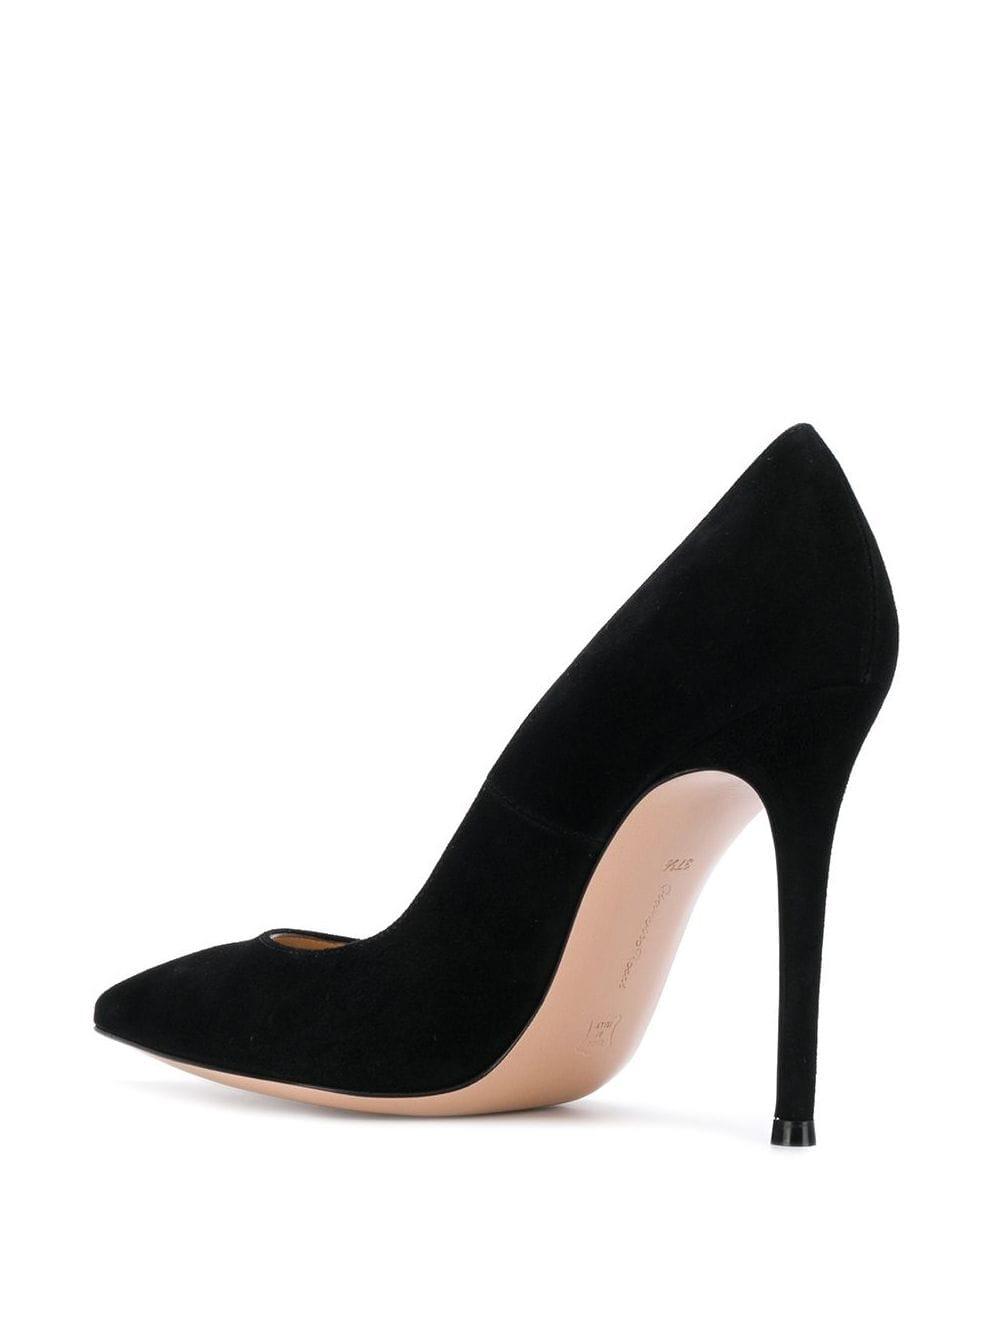 Black shoes GIANVITO ROSSI |  | G2847015RICCAMNERO